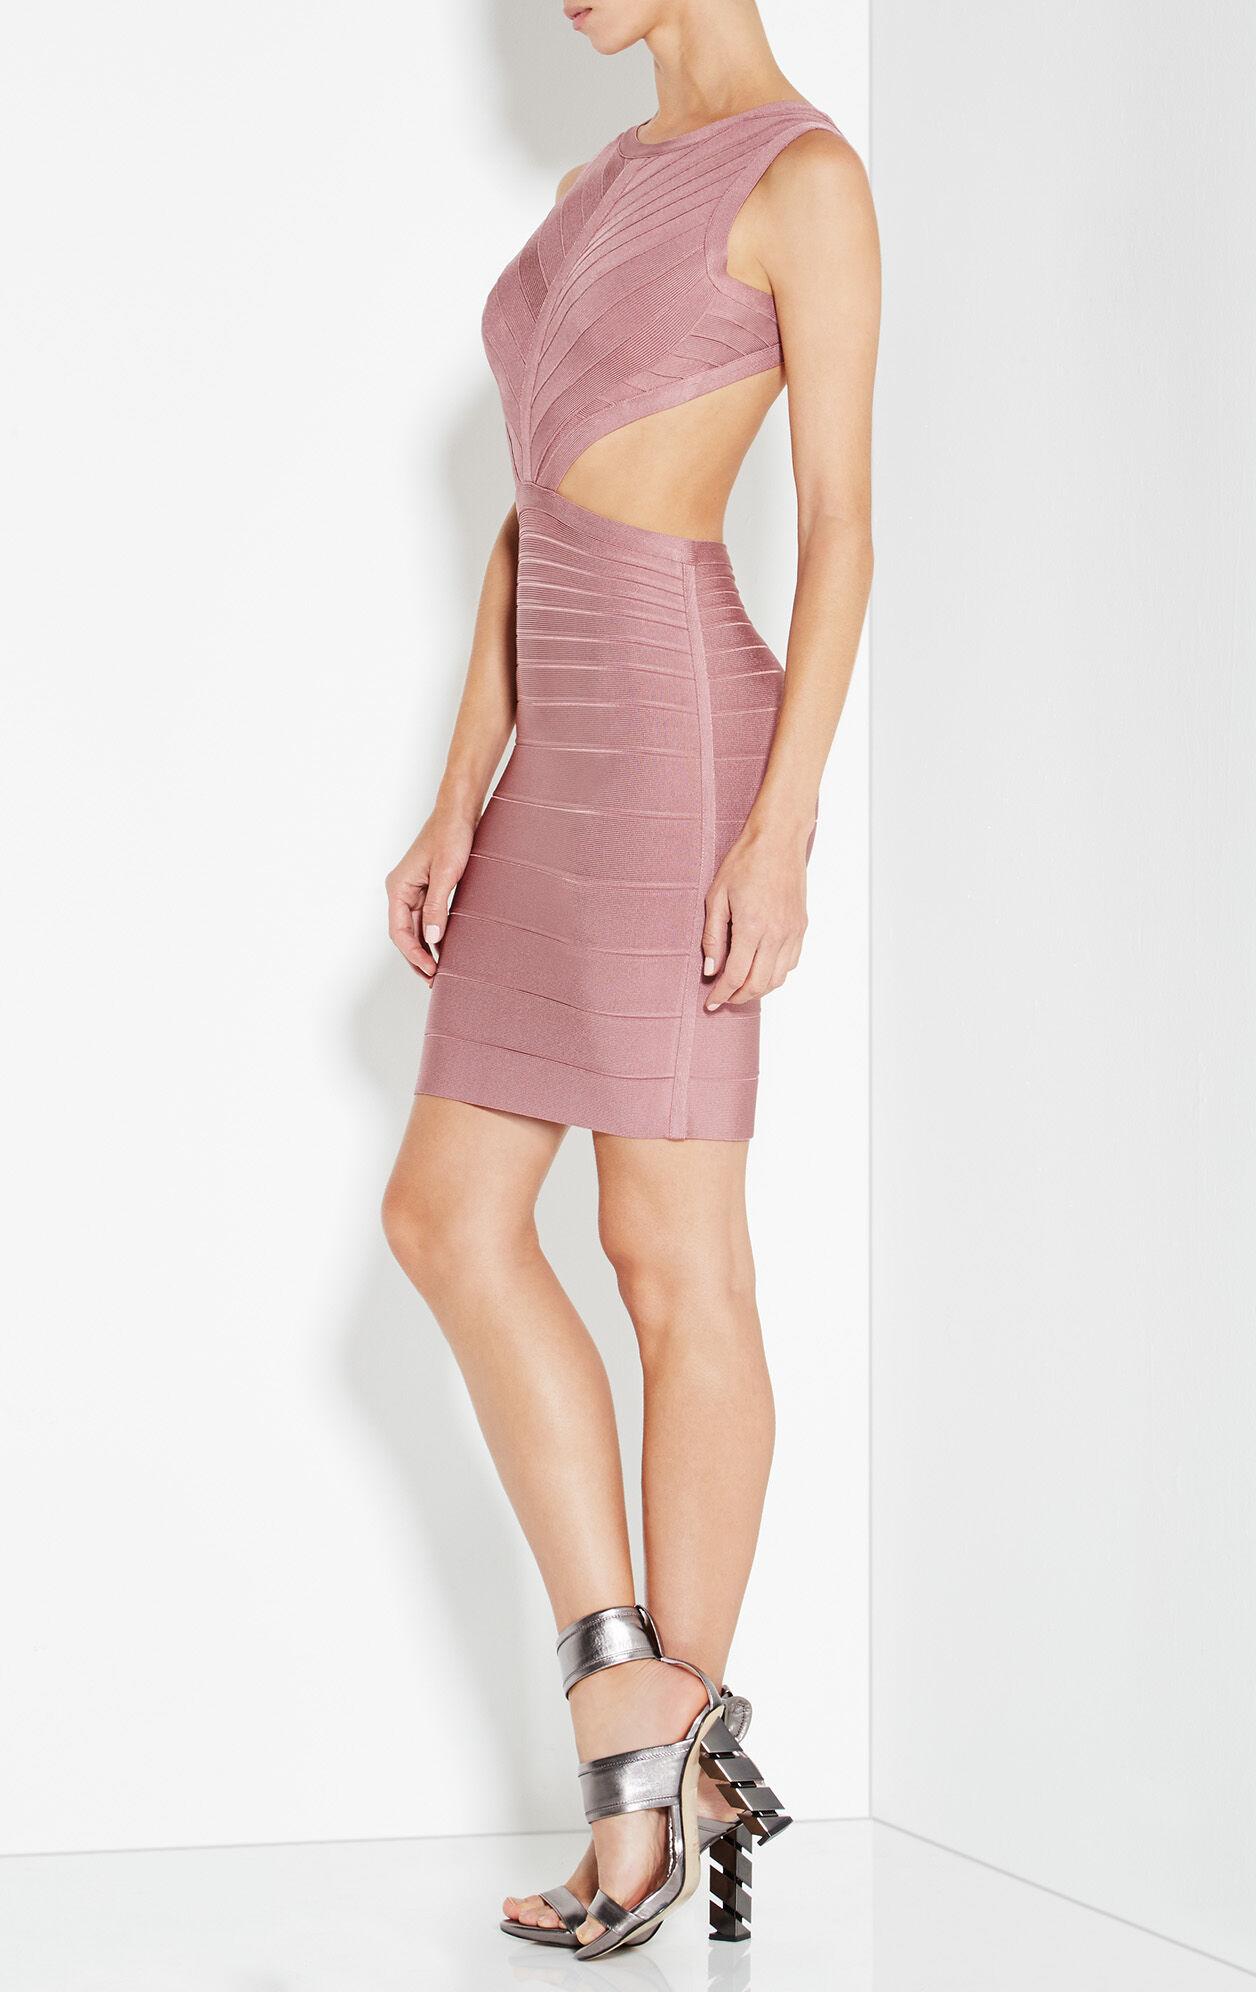 Audry Signature Essentials Bandage Dress